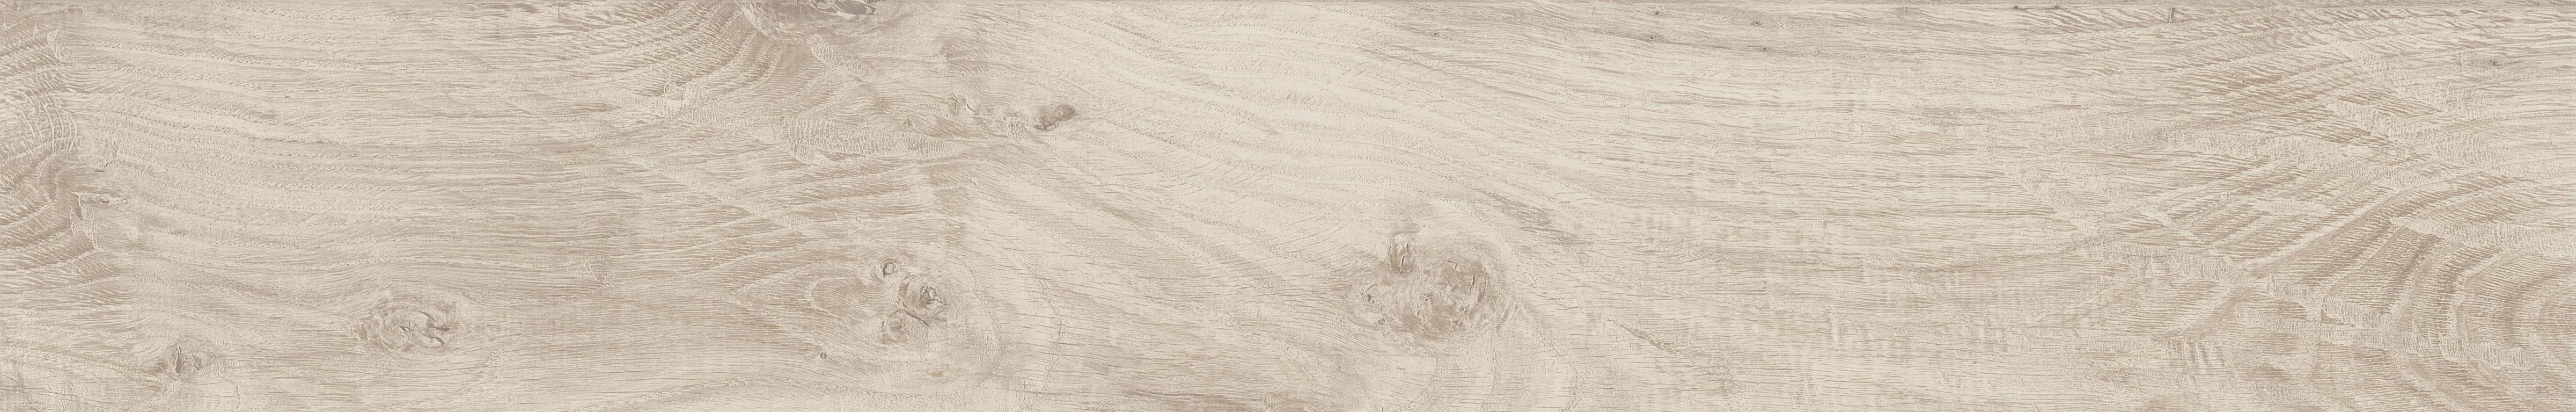 Плитка Allwood Bianco (zzxwu1r) изображение 12